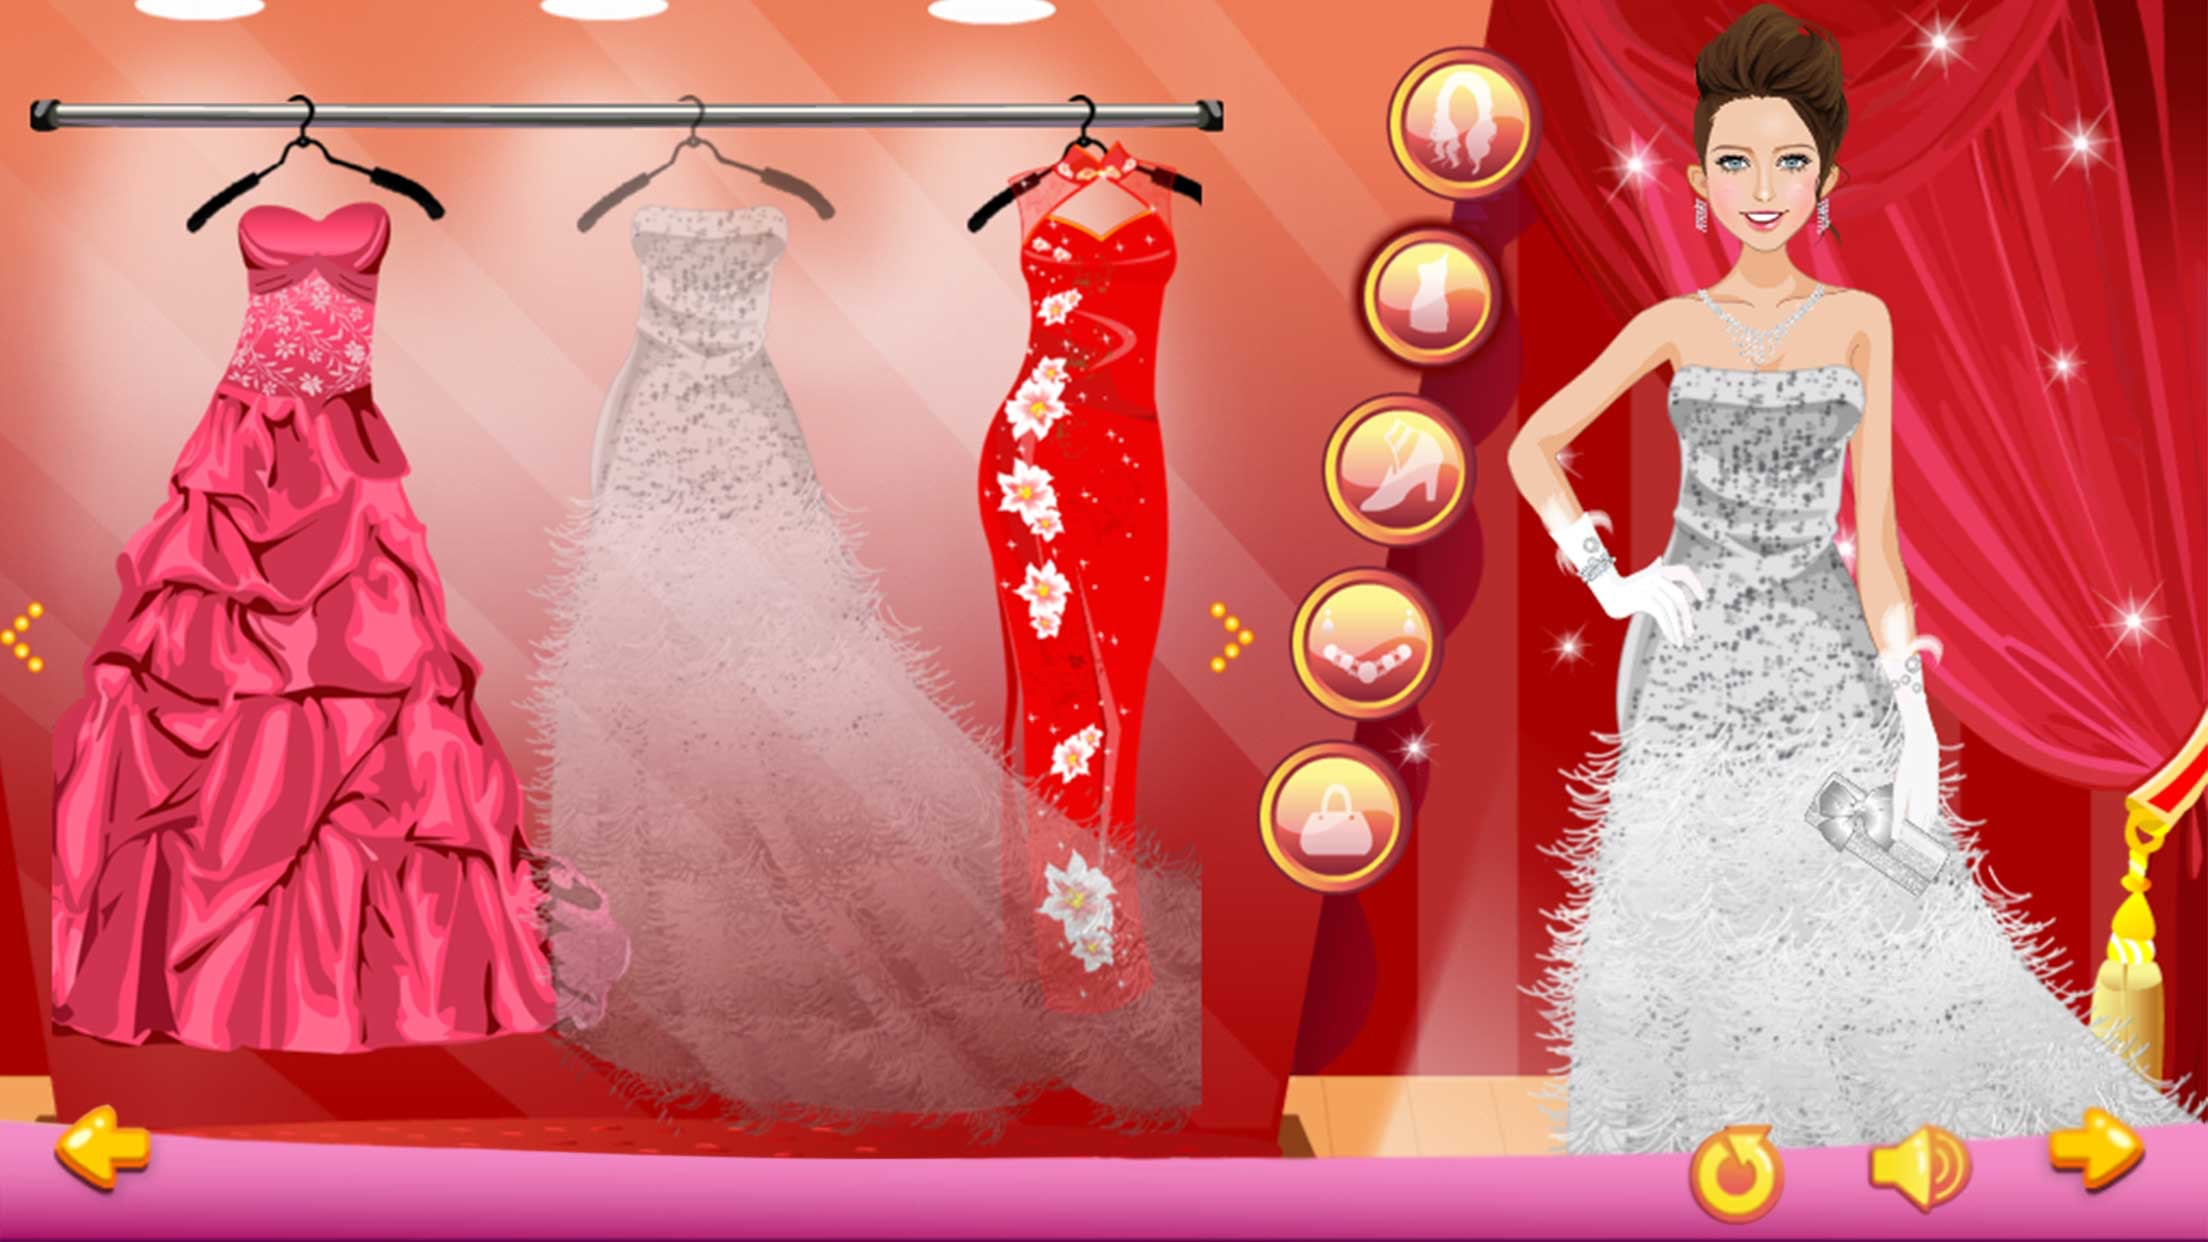 Dress Up - Red Carpet Screenshot